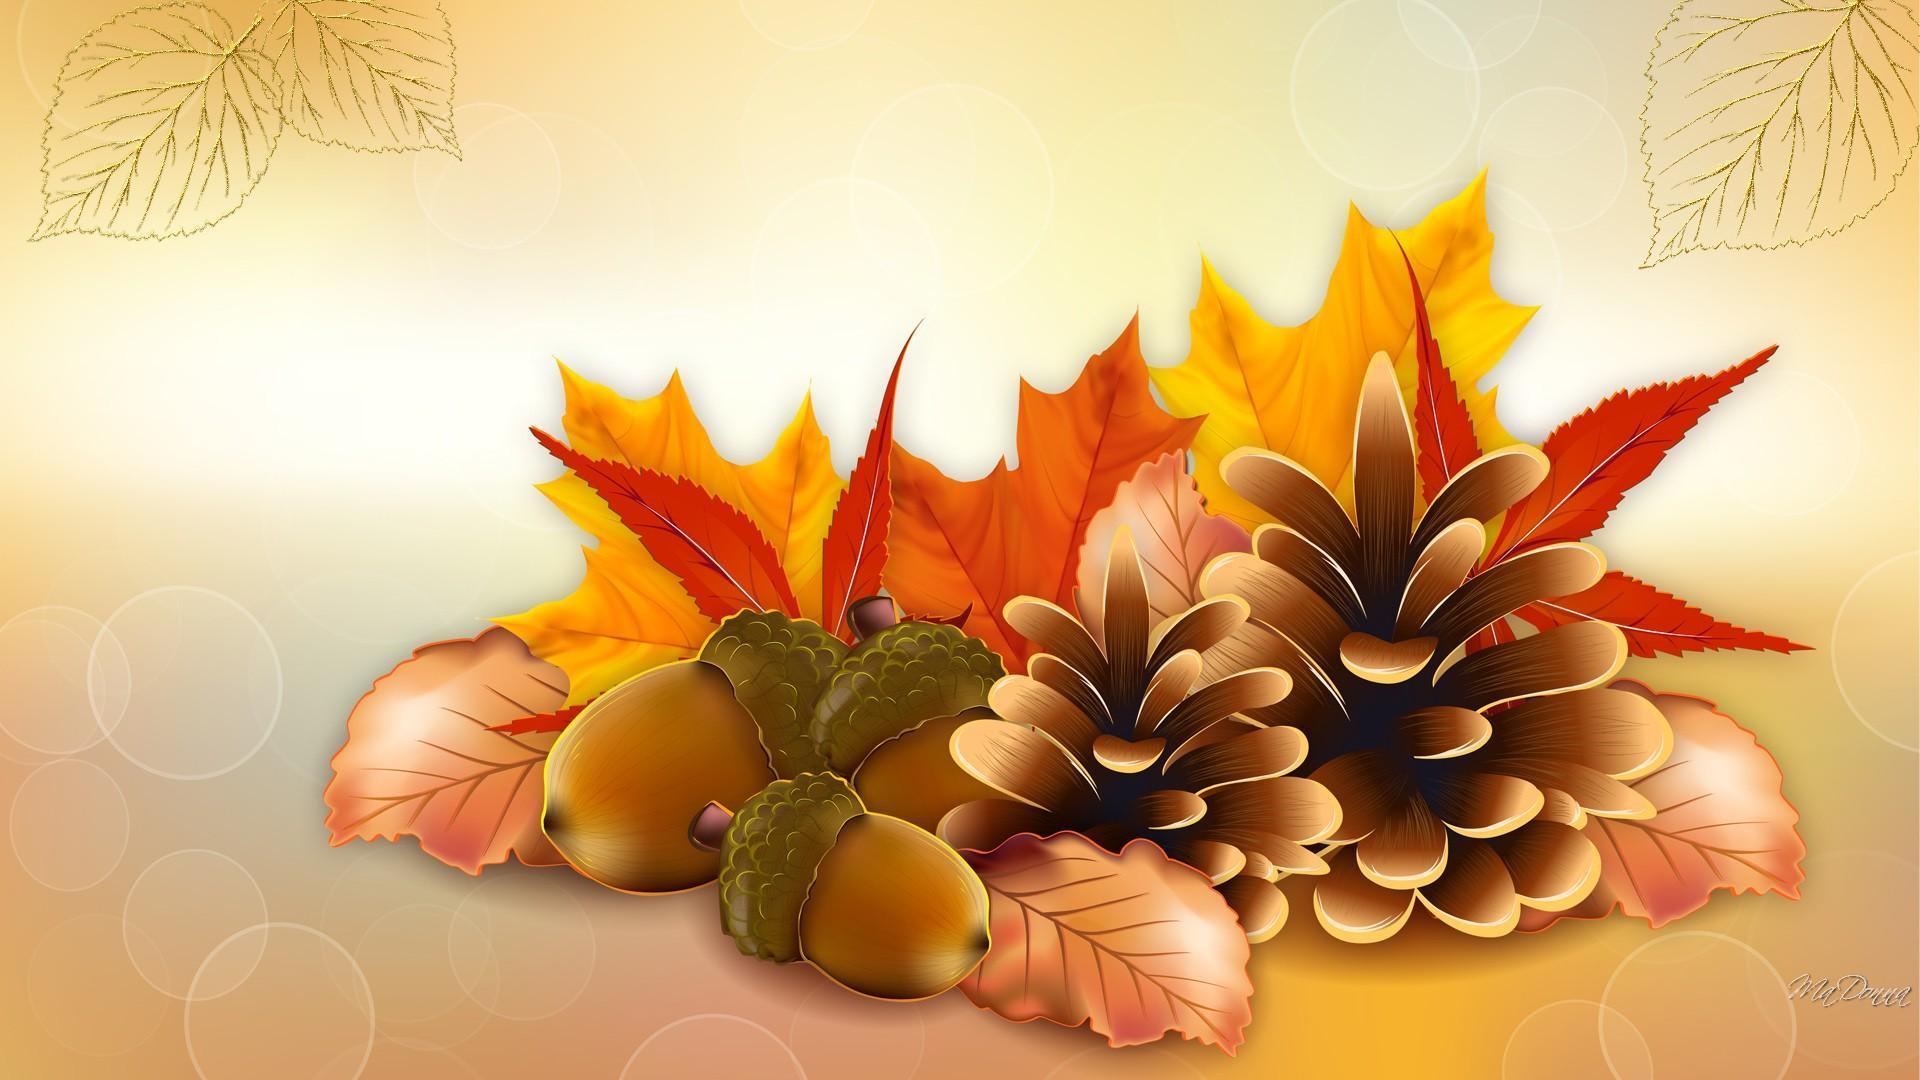 turkey wallpaper 1920x1080 - photo #16